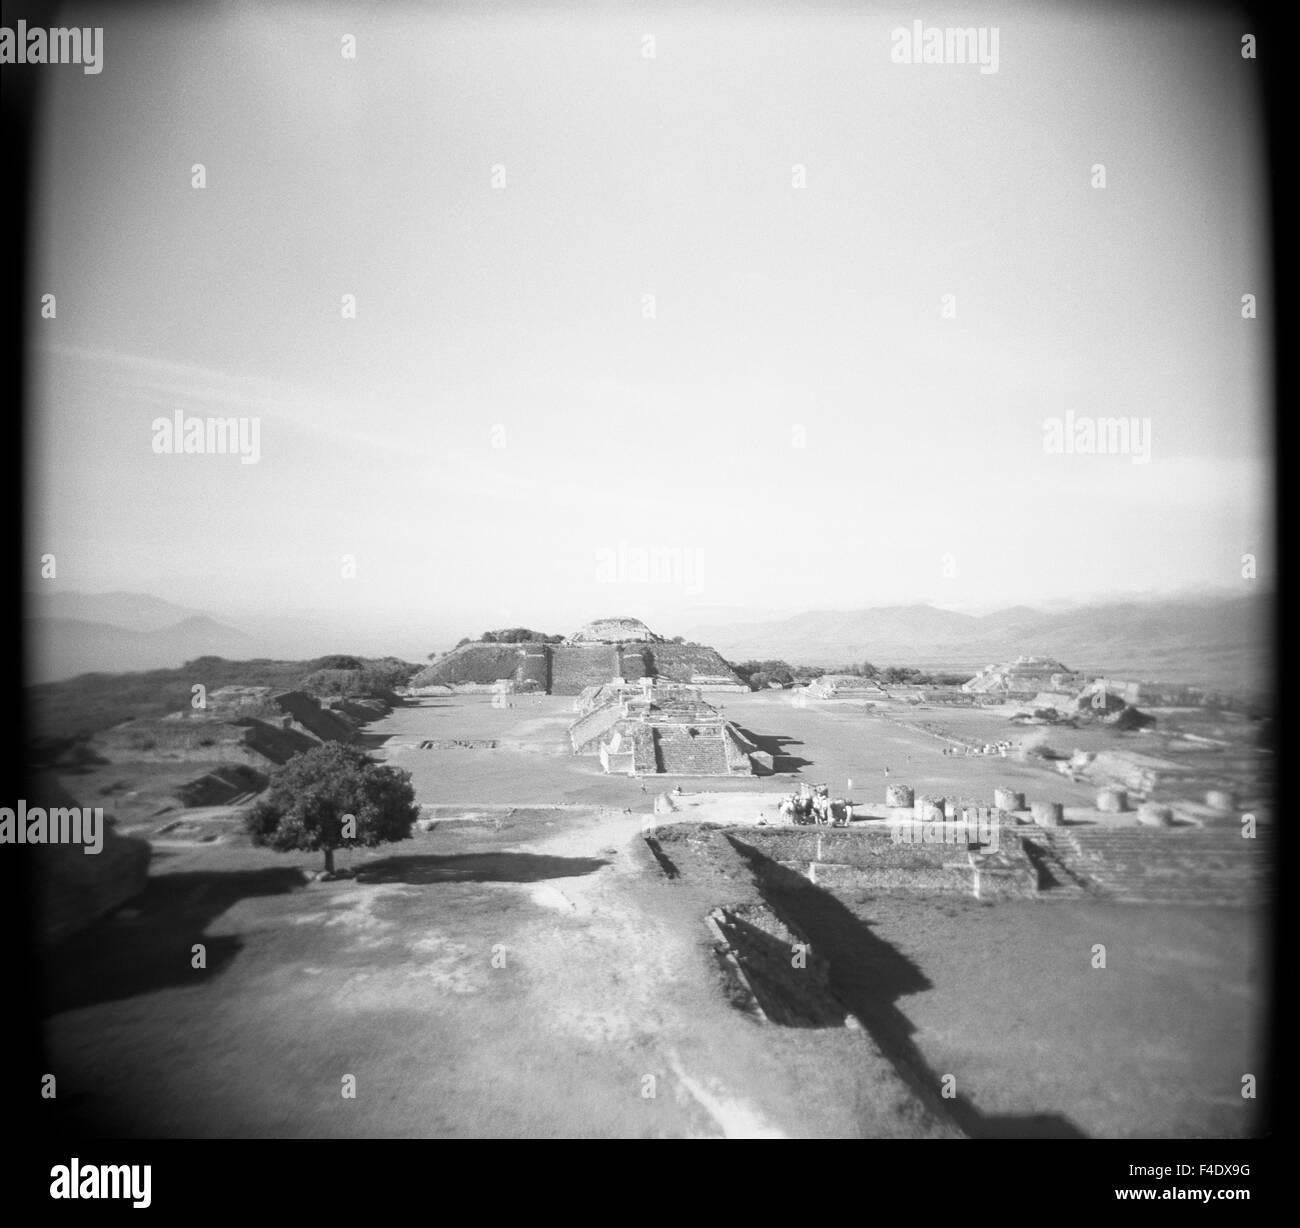 Ruderi di pietra a Monte Alban. Oaxaca, Messico Immagini Stock